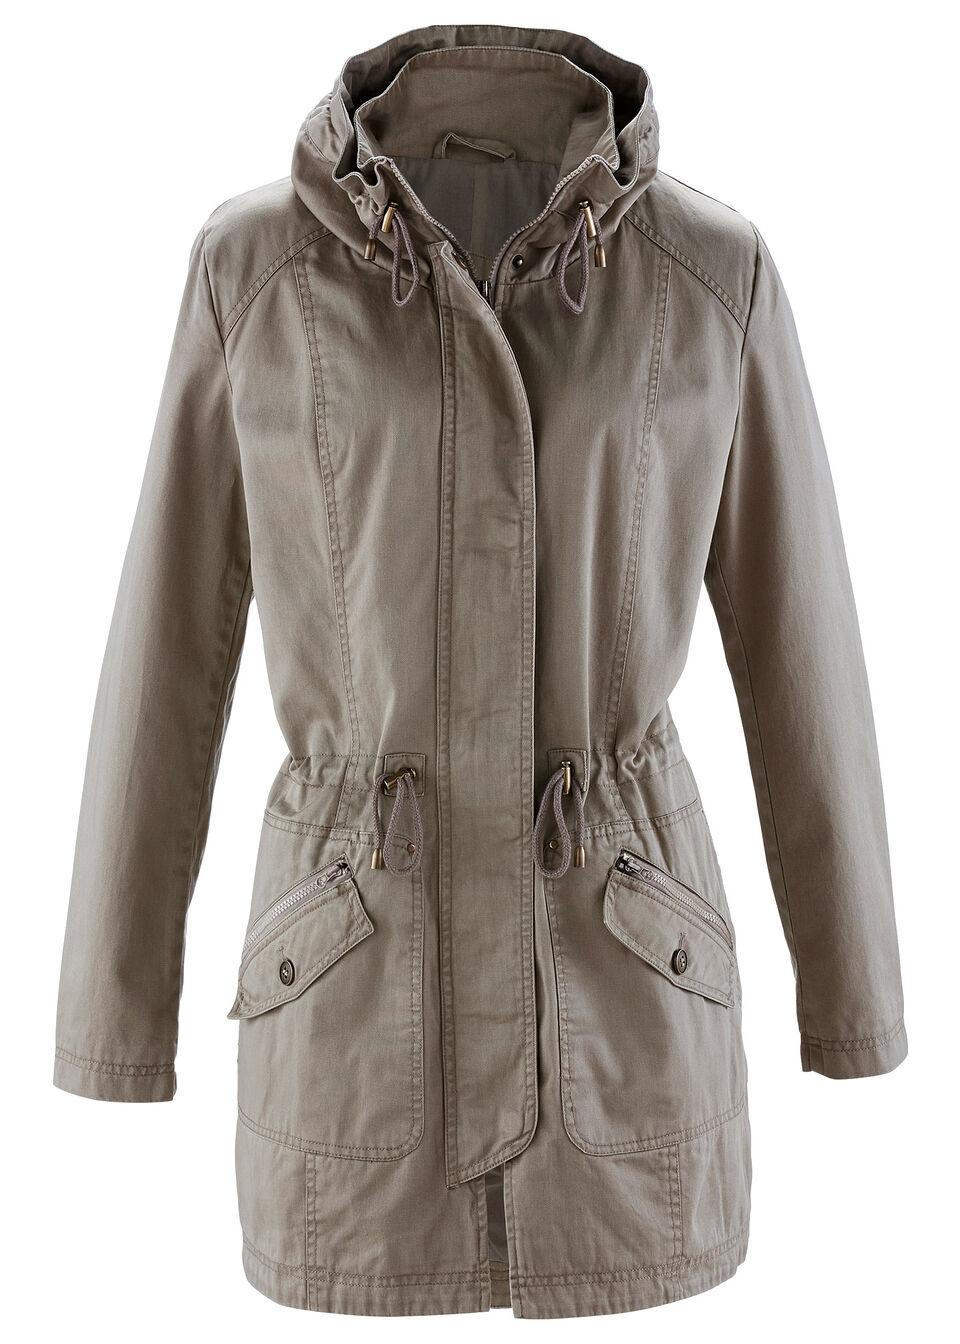 Купить Куртки и плащи, Куртка-парка, bonprix, серо-коричневый